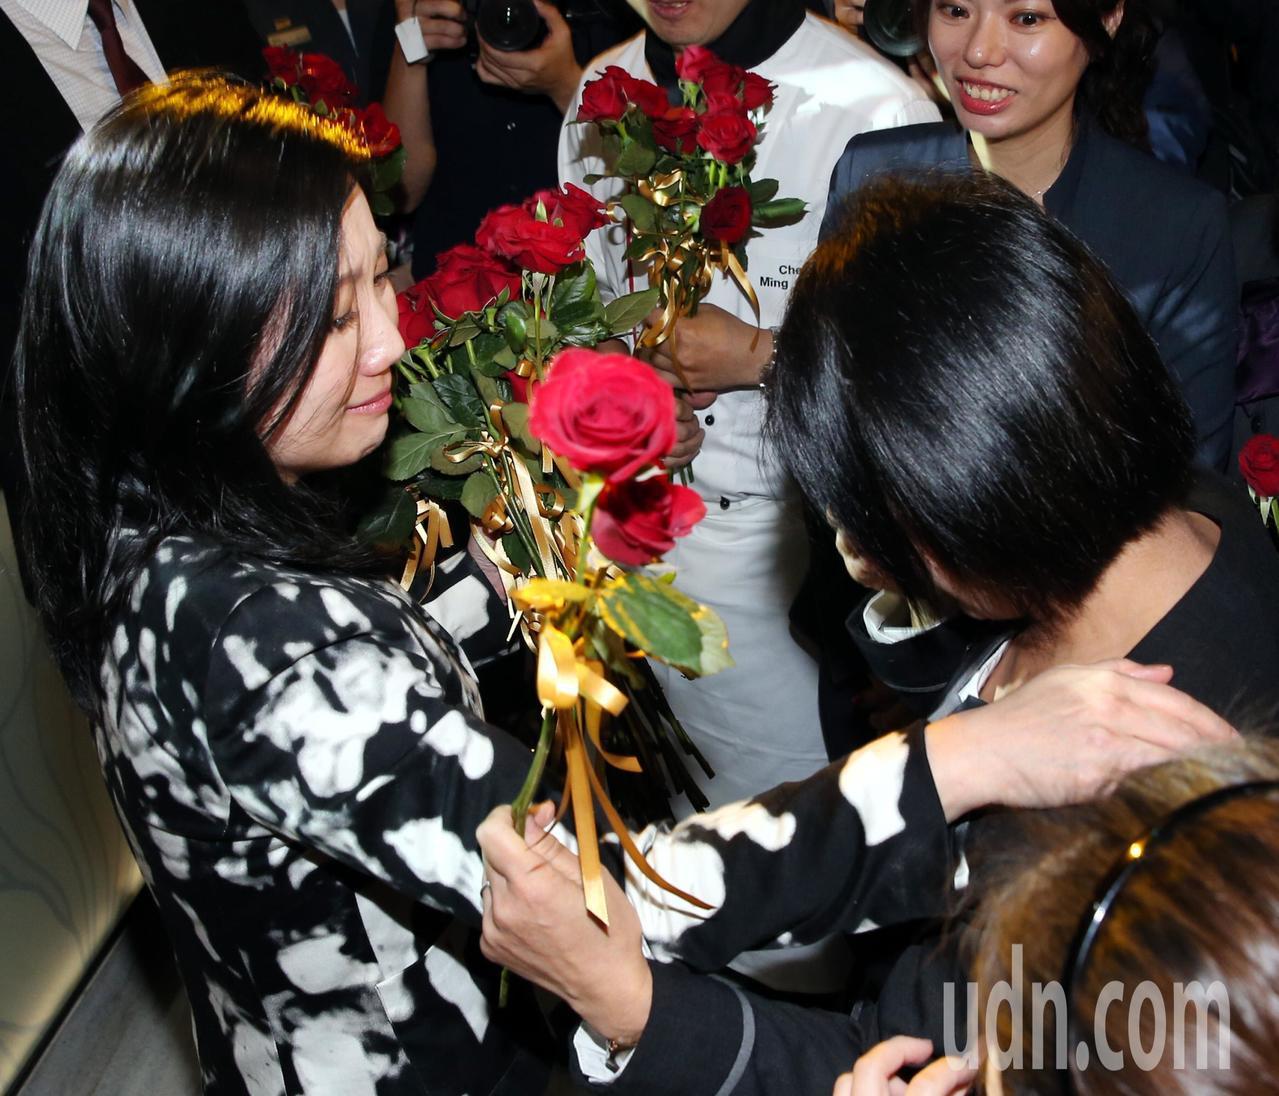 六福旅遊集團董事長莊豐如(左)與員工相擁傷感落淚。記者侯永全/攝影